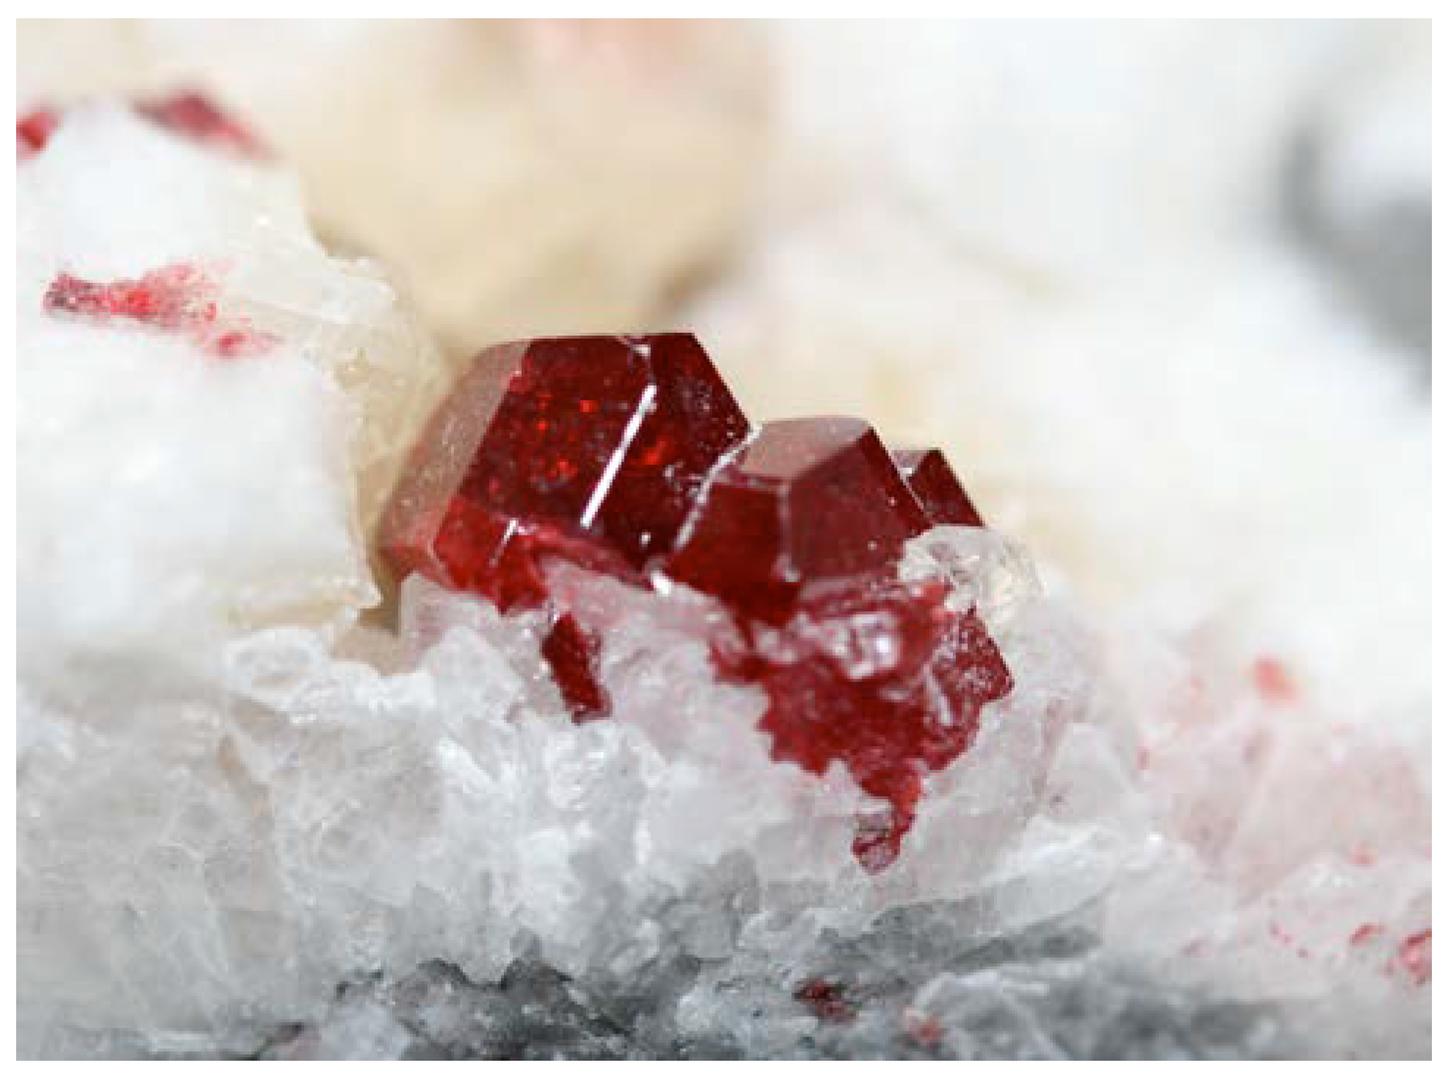 minerals-08-00201-g007.png